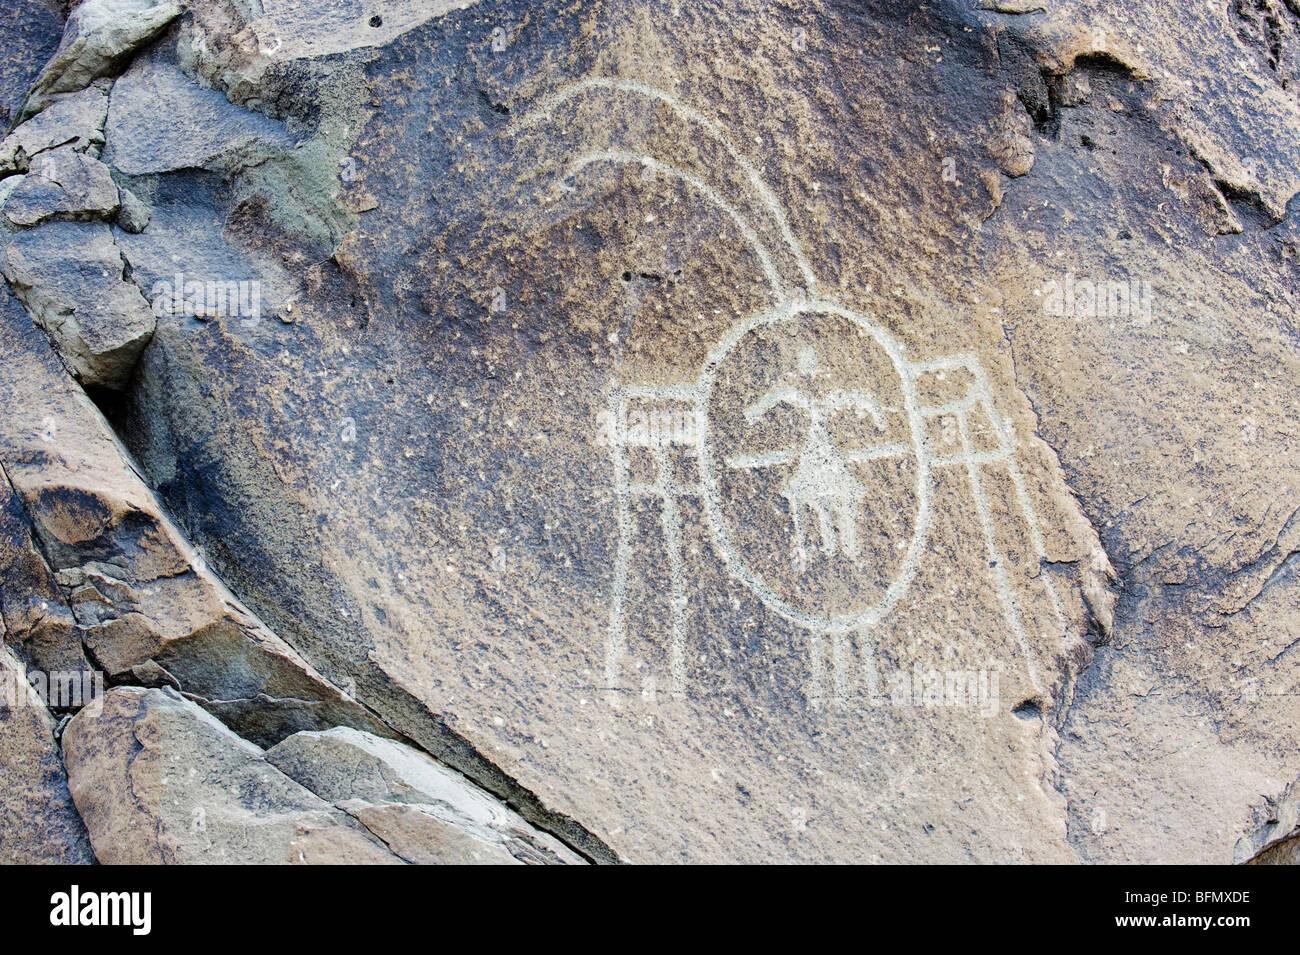 La Chine, de la province, Yinchuan Ningxia Helan Shan, nomades rock carvings remontant à 10 000 ans Banque D'Images